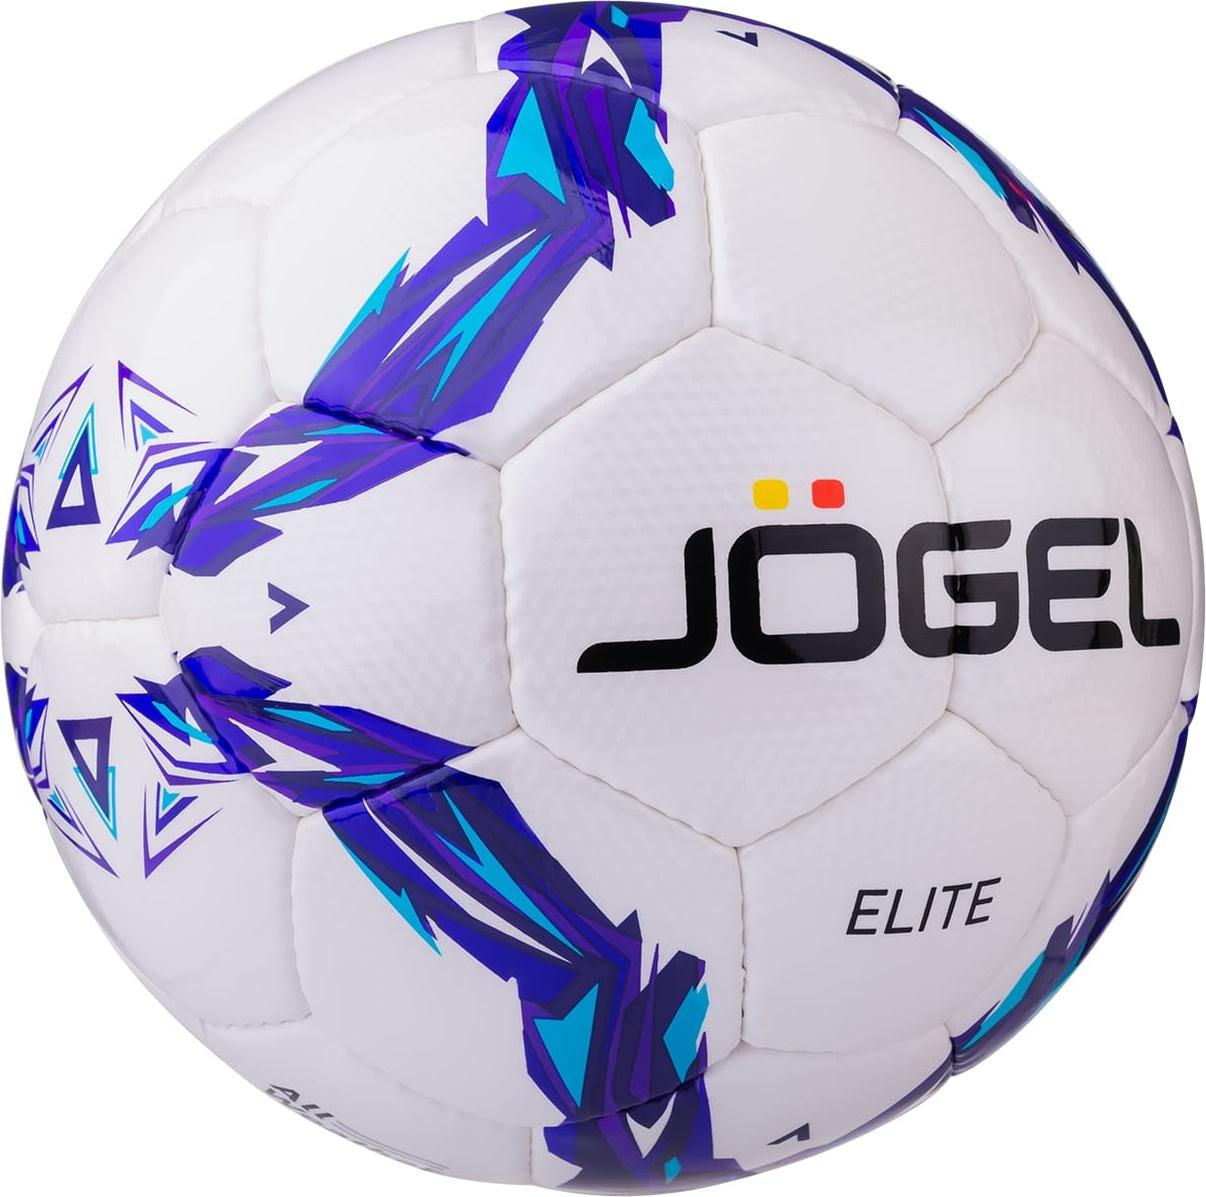 Мяч футбольный Jogel JS 810 Elite №5